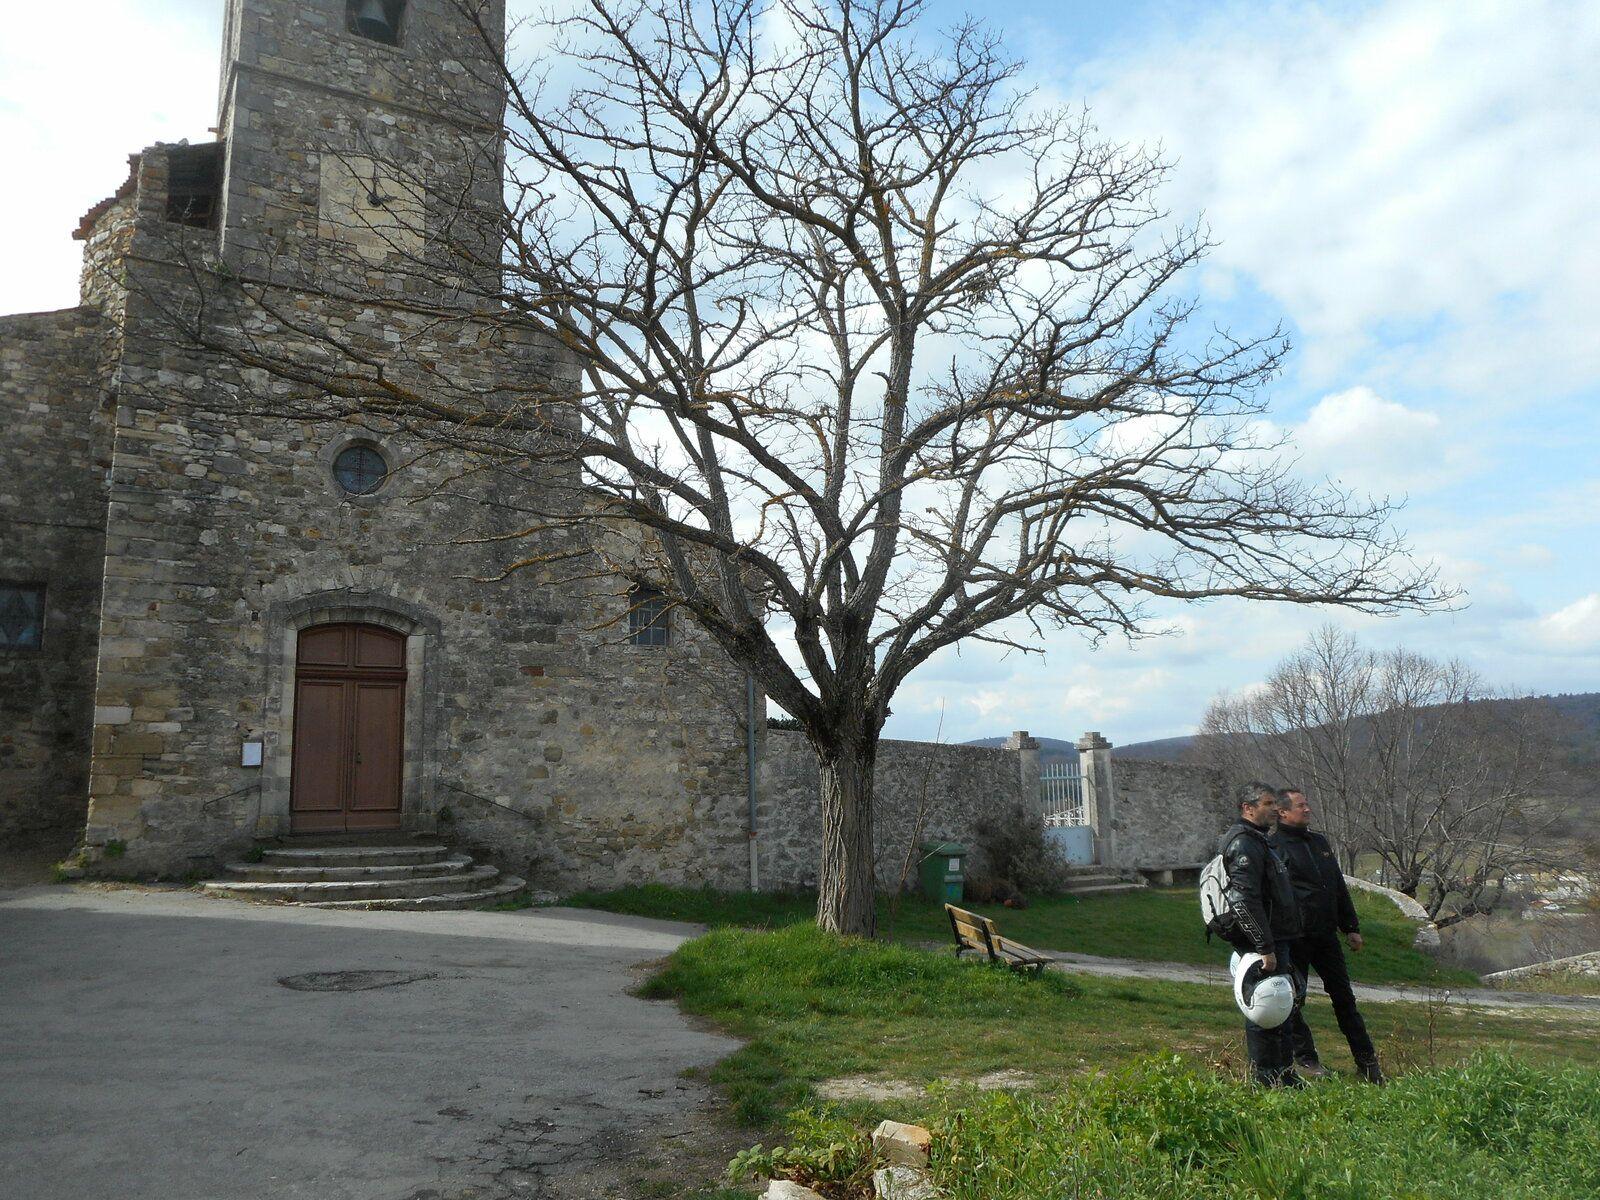 Revest des Brousses, Saint-Michel l'Observatoire, Les Mourres à Forcalquier en Harley Davidson